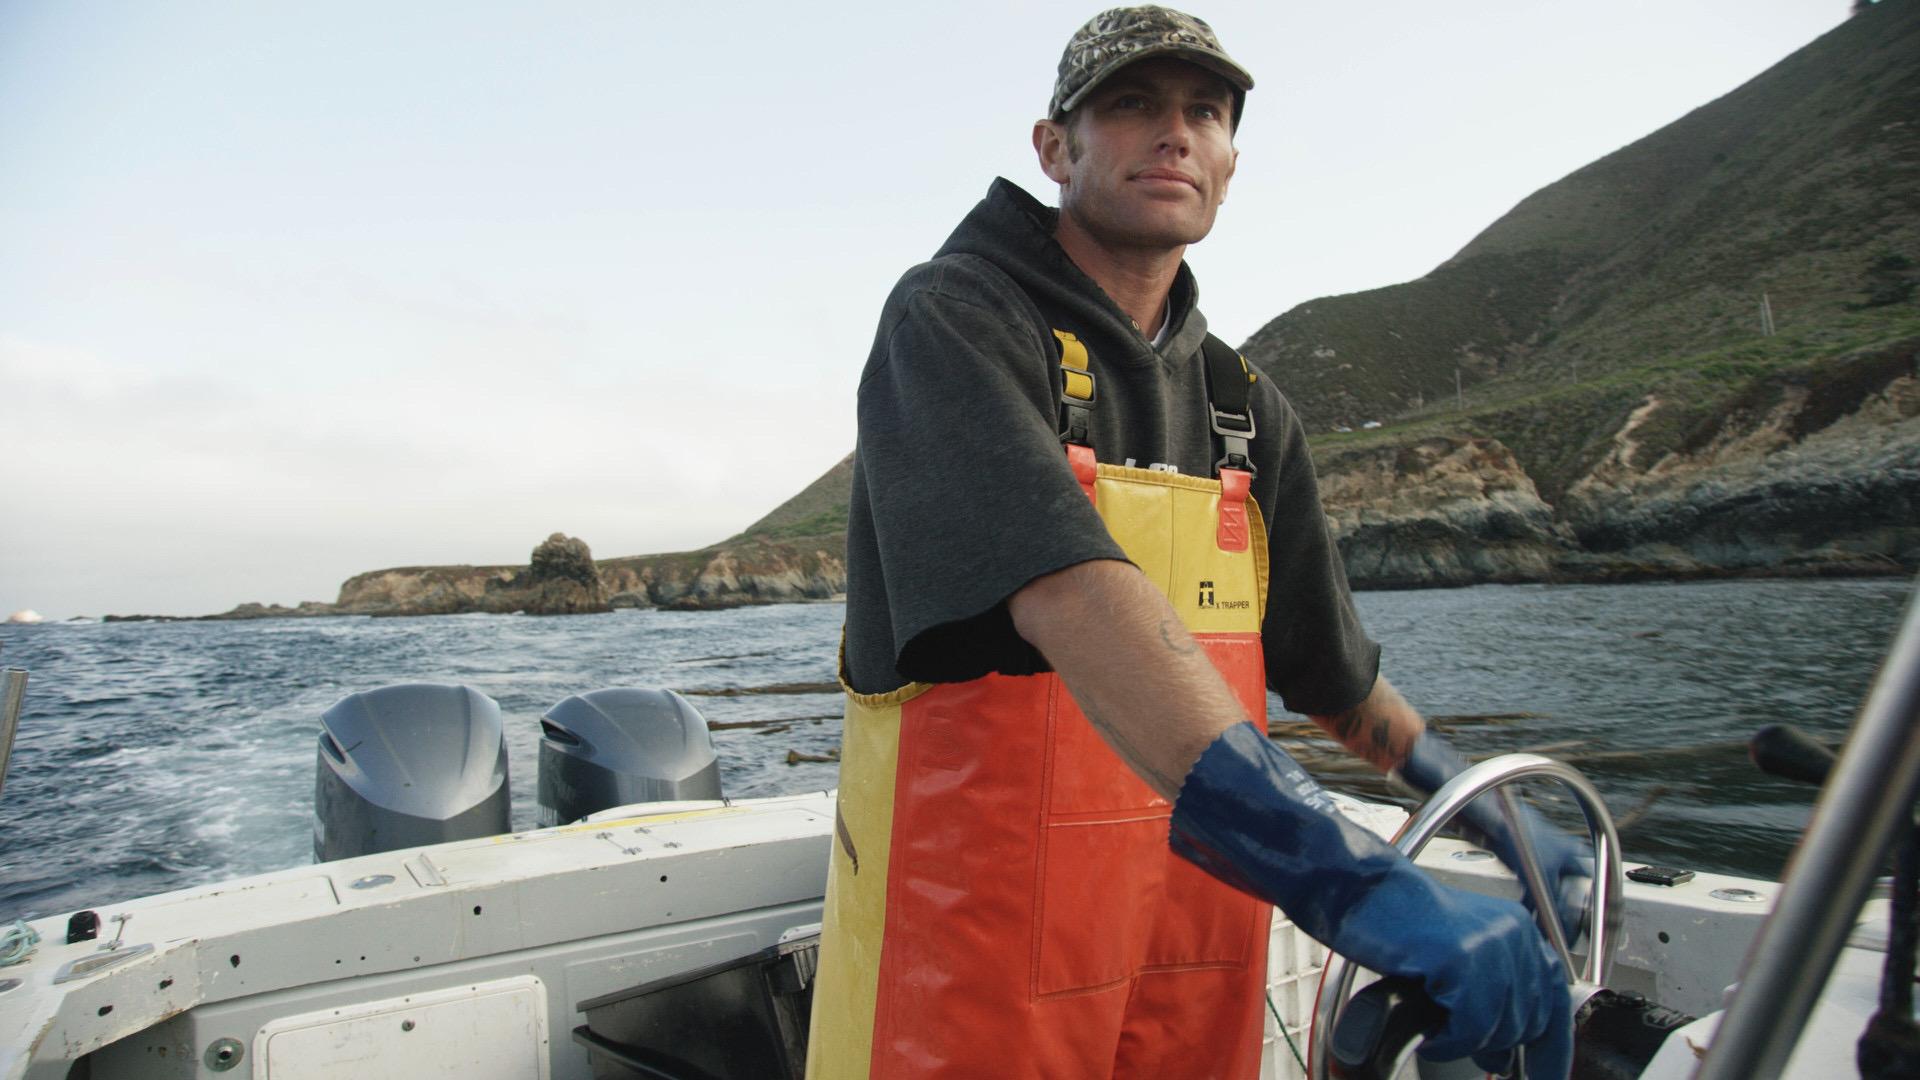 Calder Deyerle, leader of Lost Gear Recovery team.